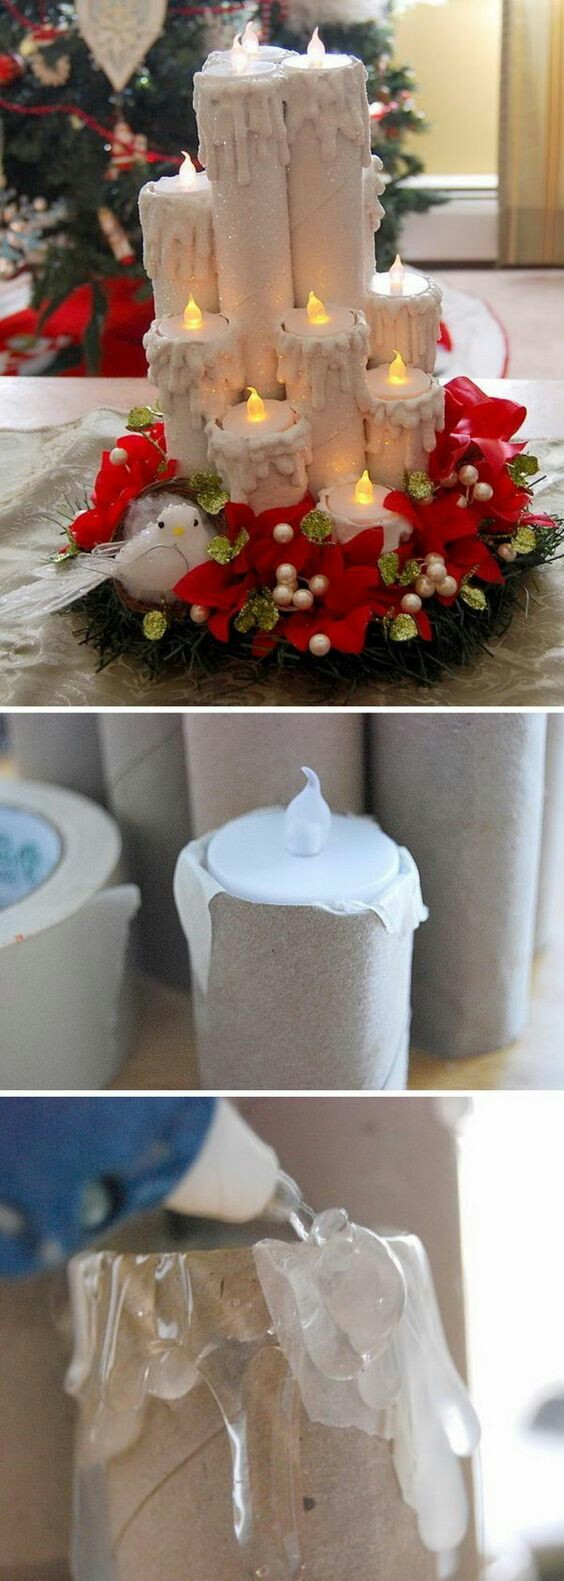 Centres de table de Noël avec des bougies mousseuses